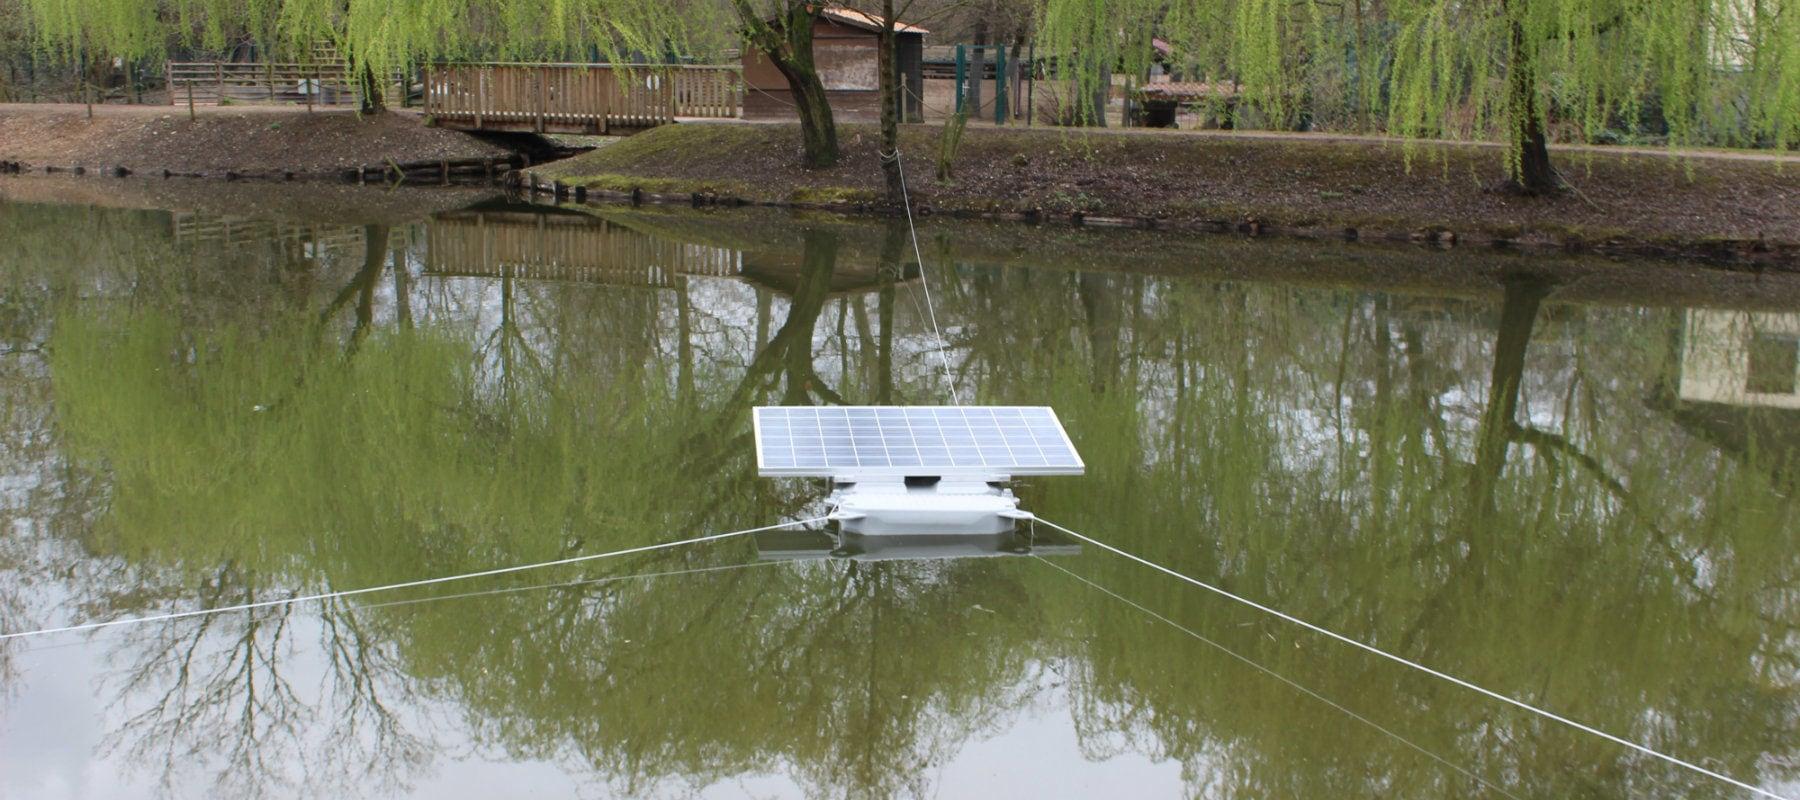 Illkirch veut recouvrir une partie de ses étangs de panneaux solaires